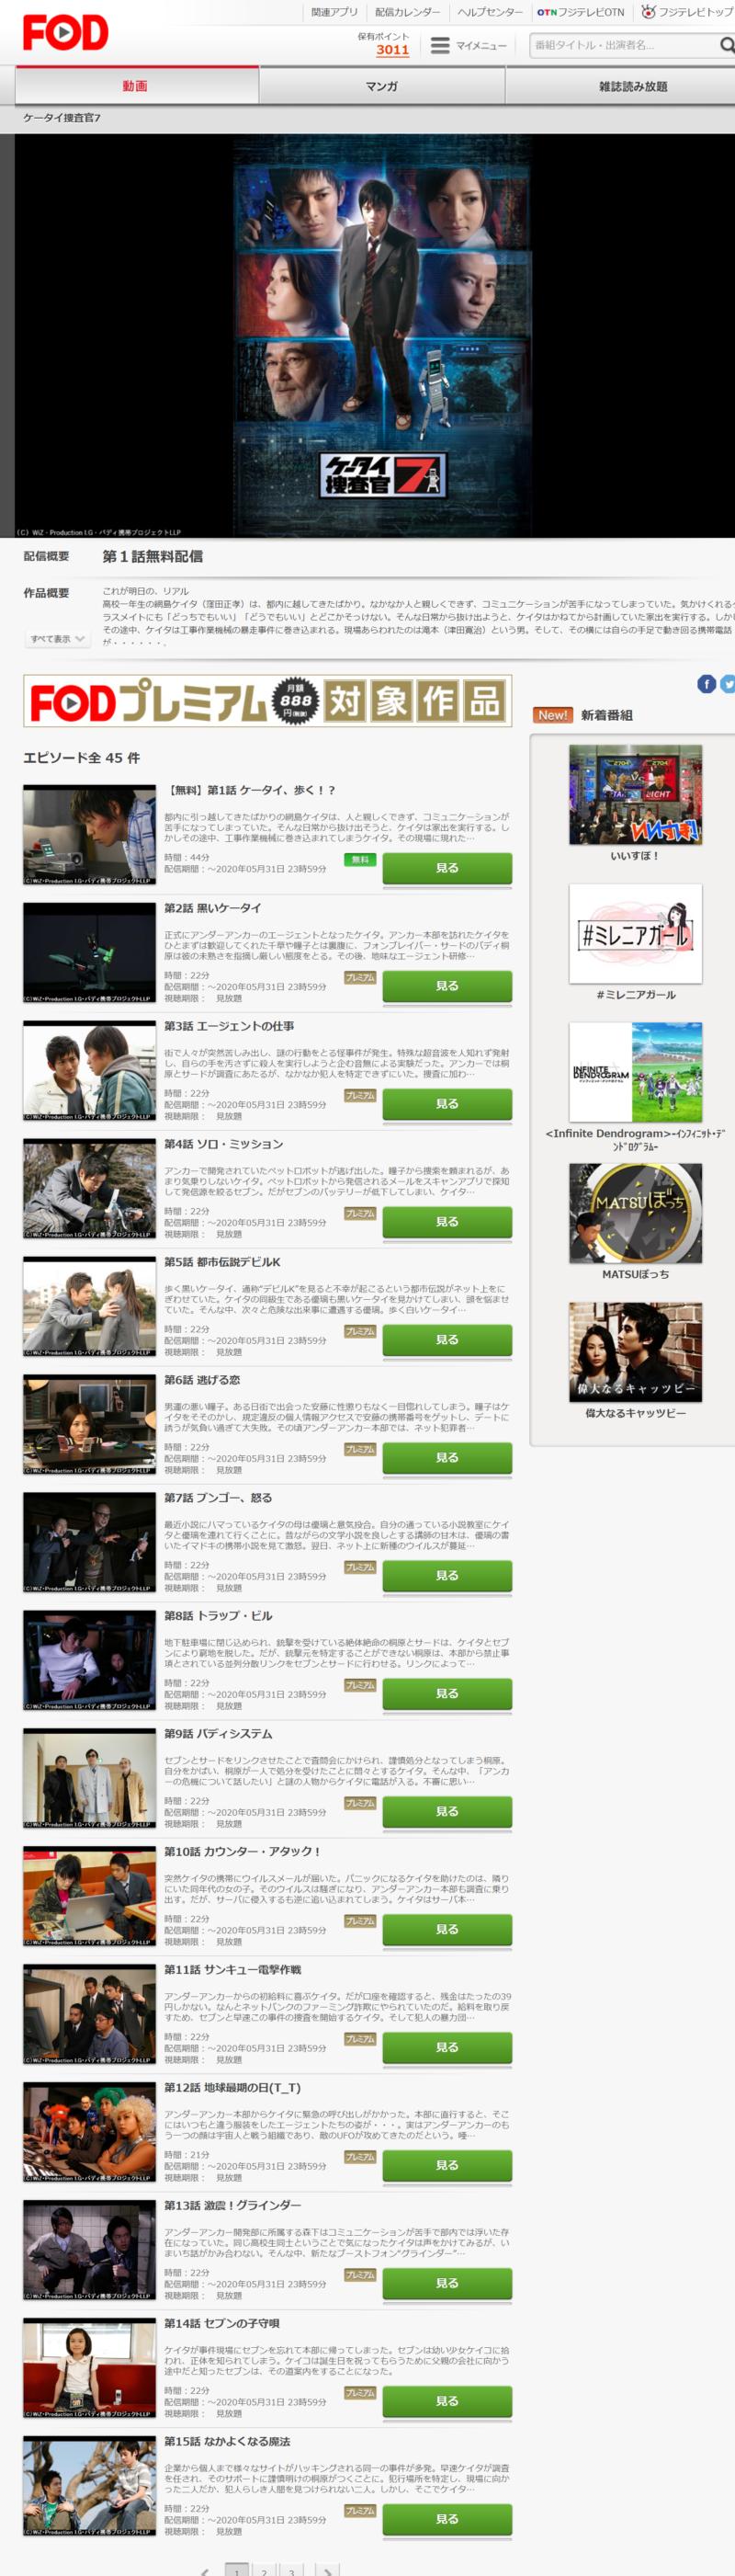 ケータイ捜査官7の動画全話無料視聴方法FOD